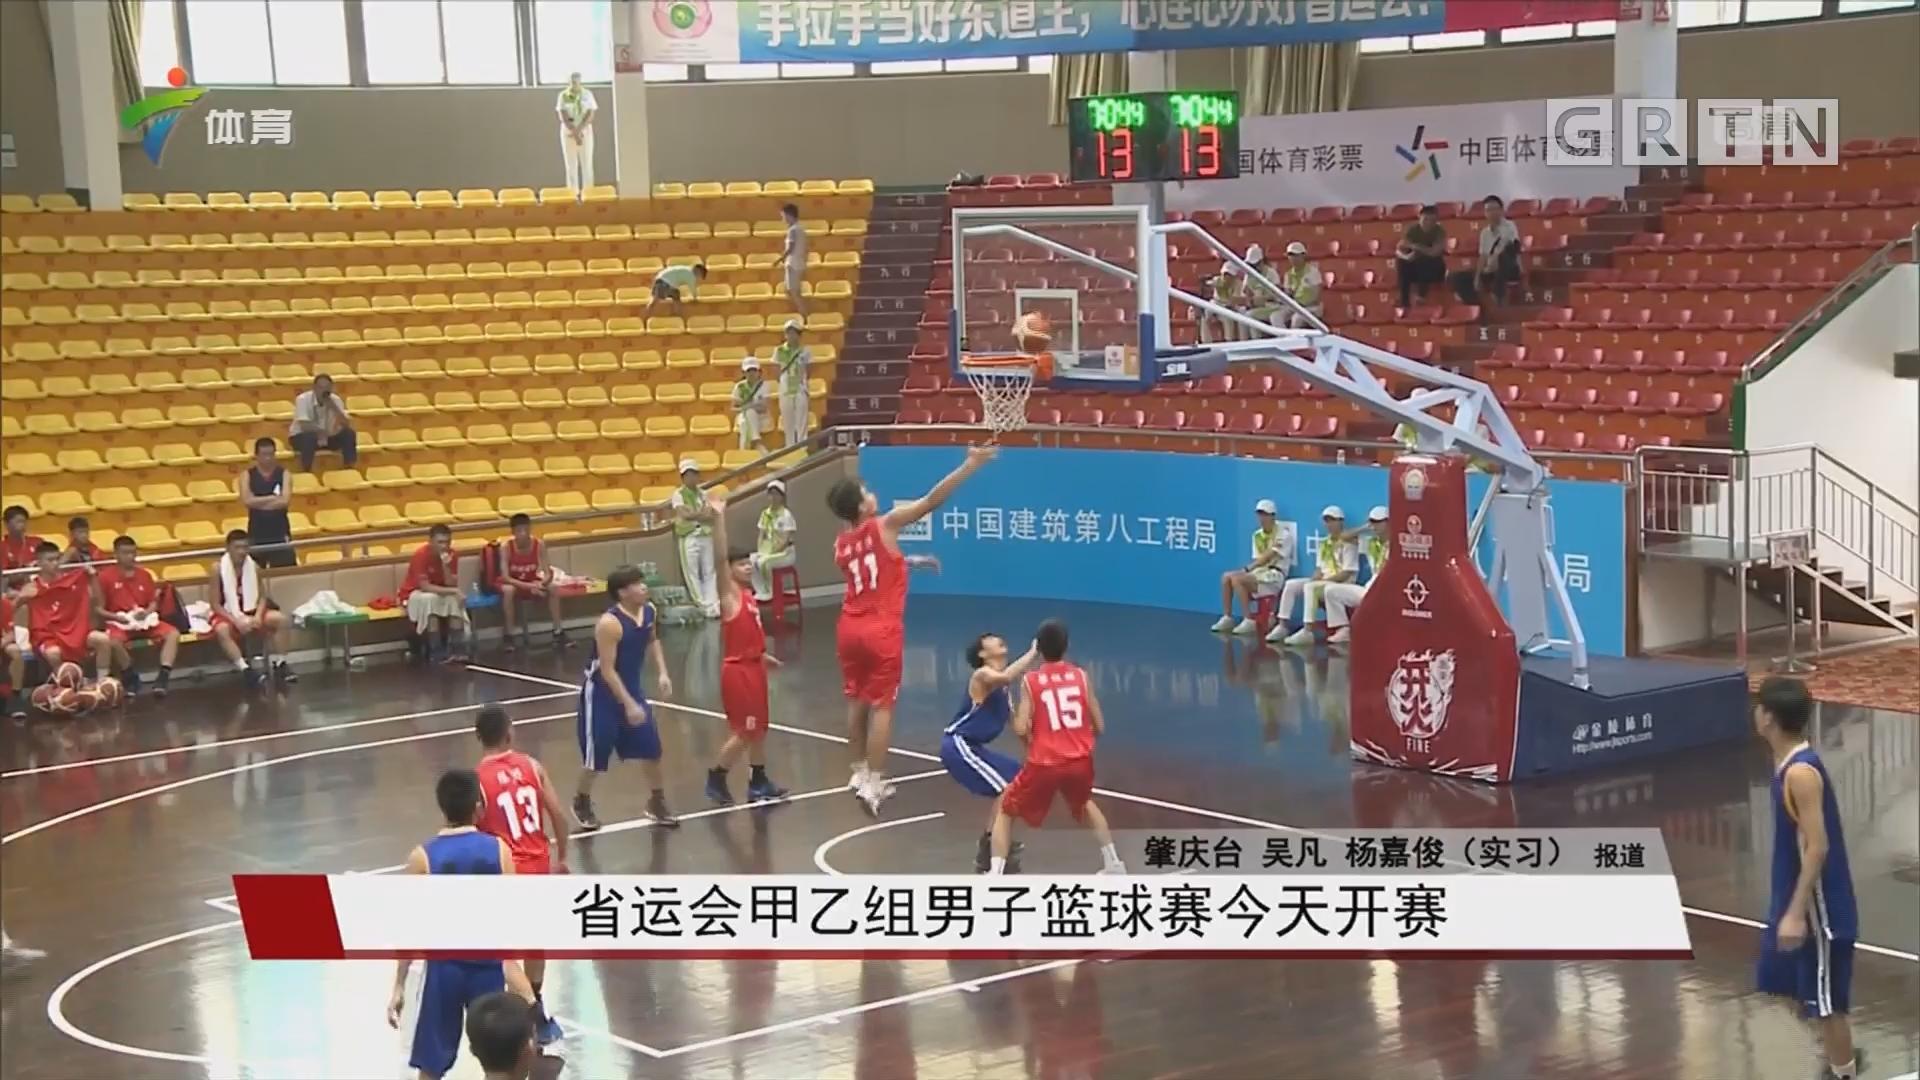 省运会甲乙组男子篮球赛今天开赛